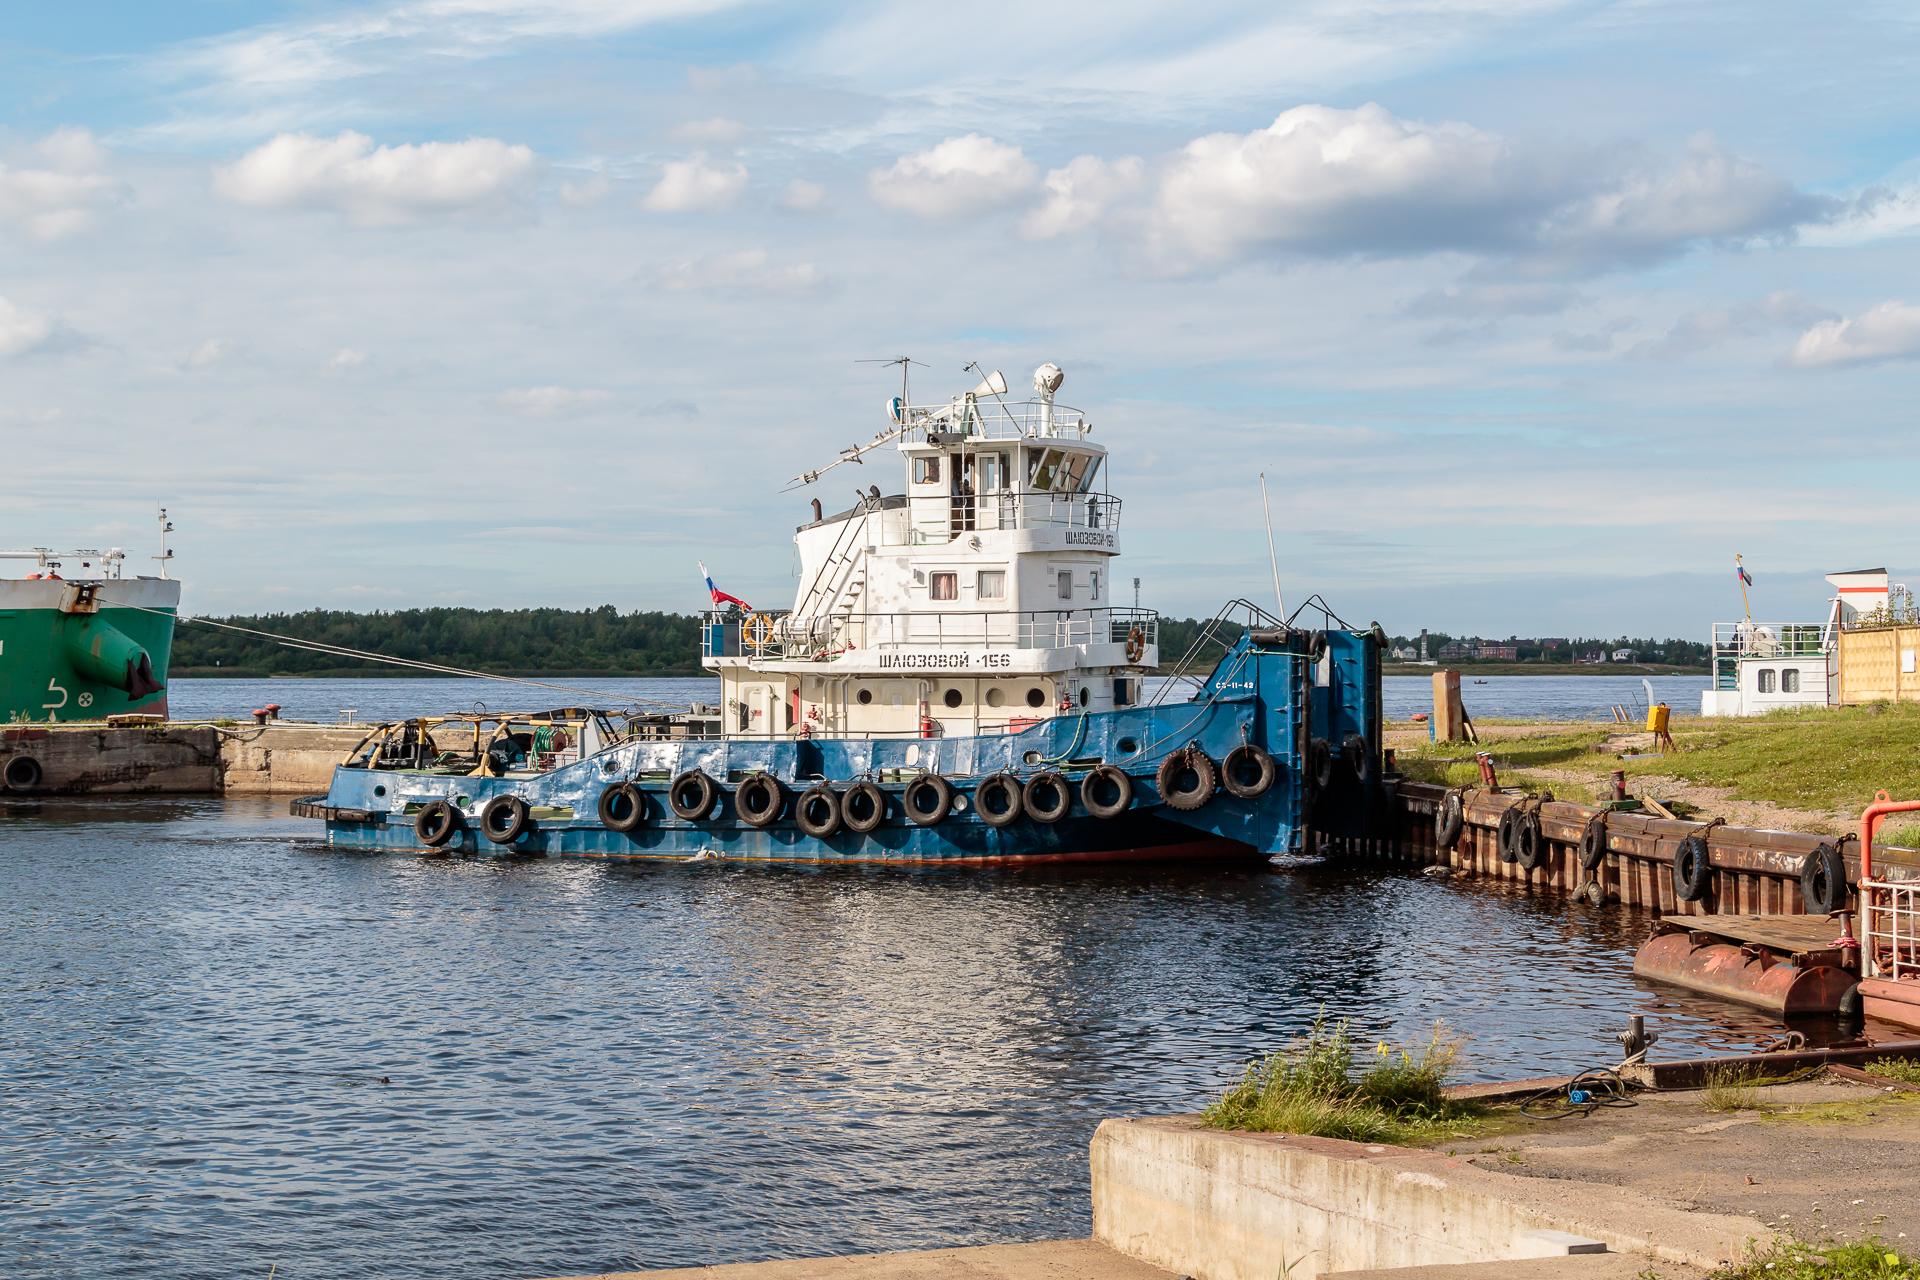 """Буксир Шлюзовой-156 ожидает спуска на воду судна """"Павел Леонов"""", чтобы участвовать в его постановке к достроечной пристани завода"""